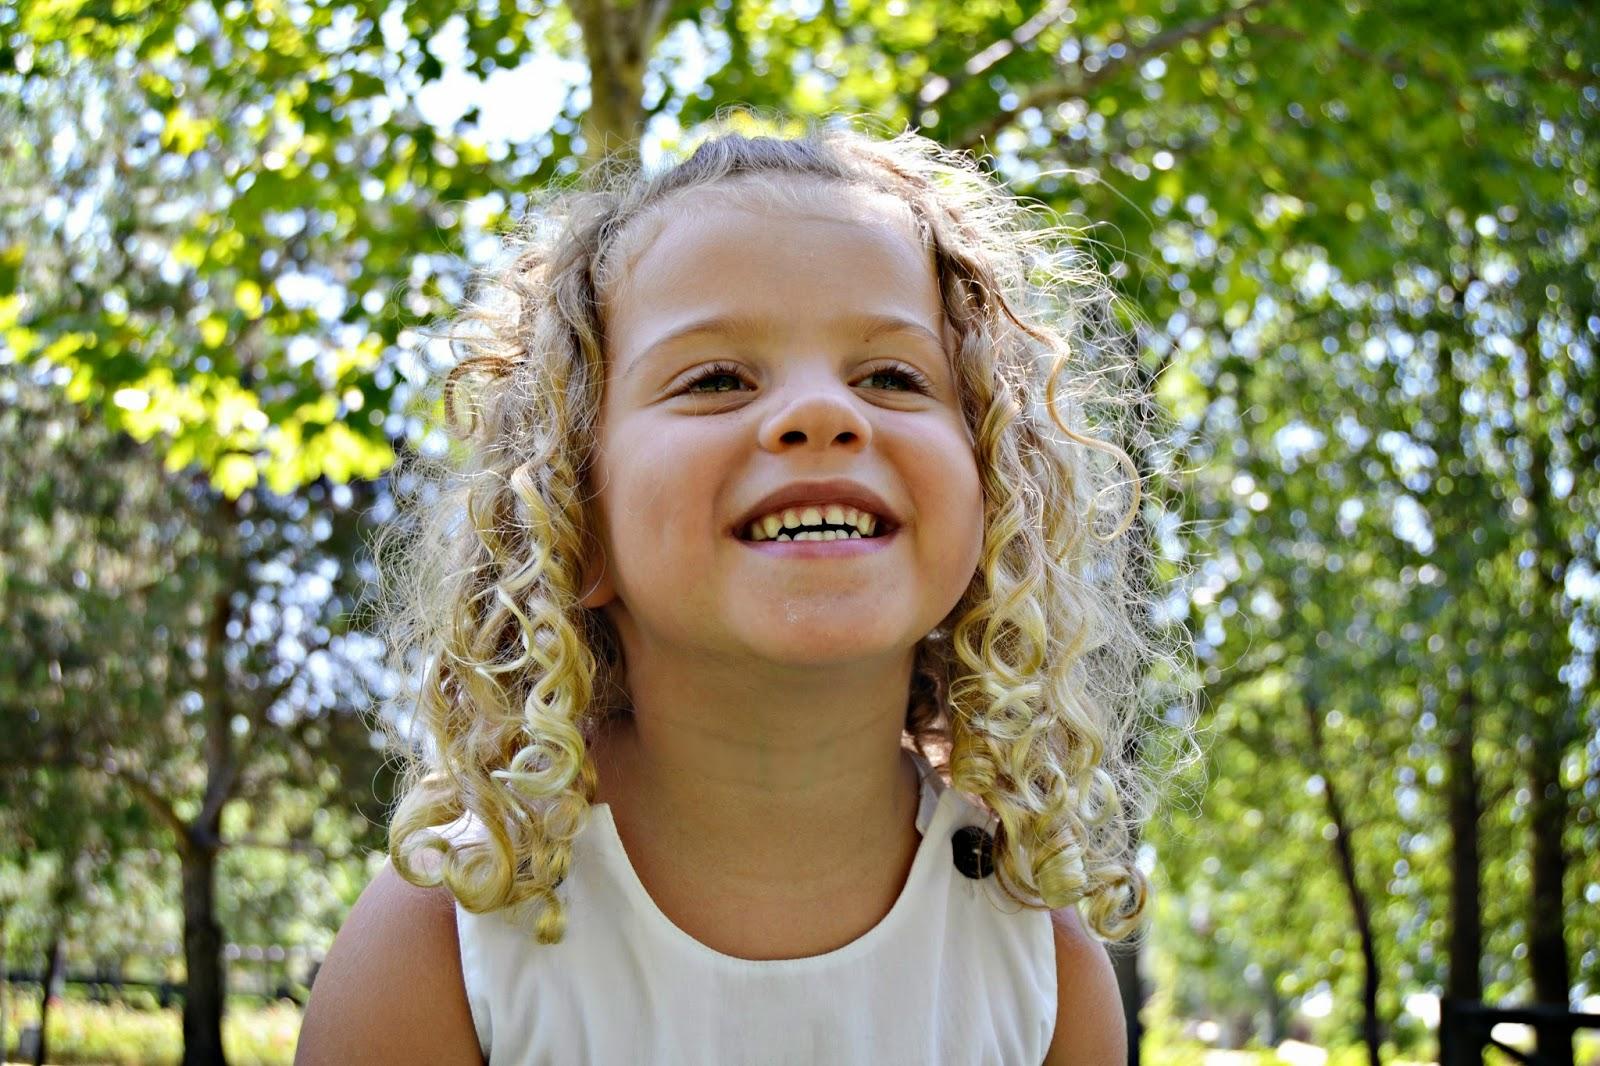 Un peinado para pelo rizado peinados de niñas YouTube - Peinados Para Ninas De Pelo Rizado